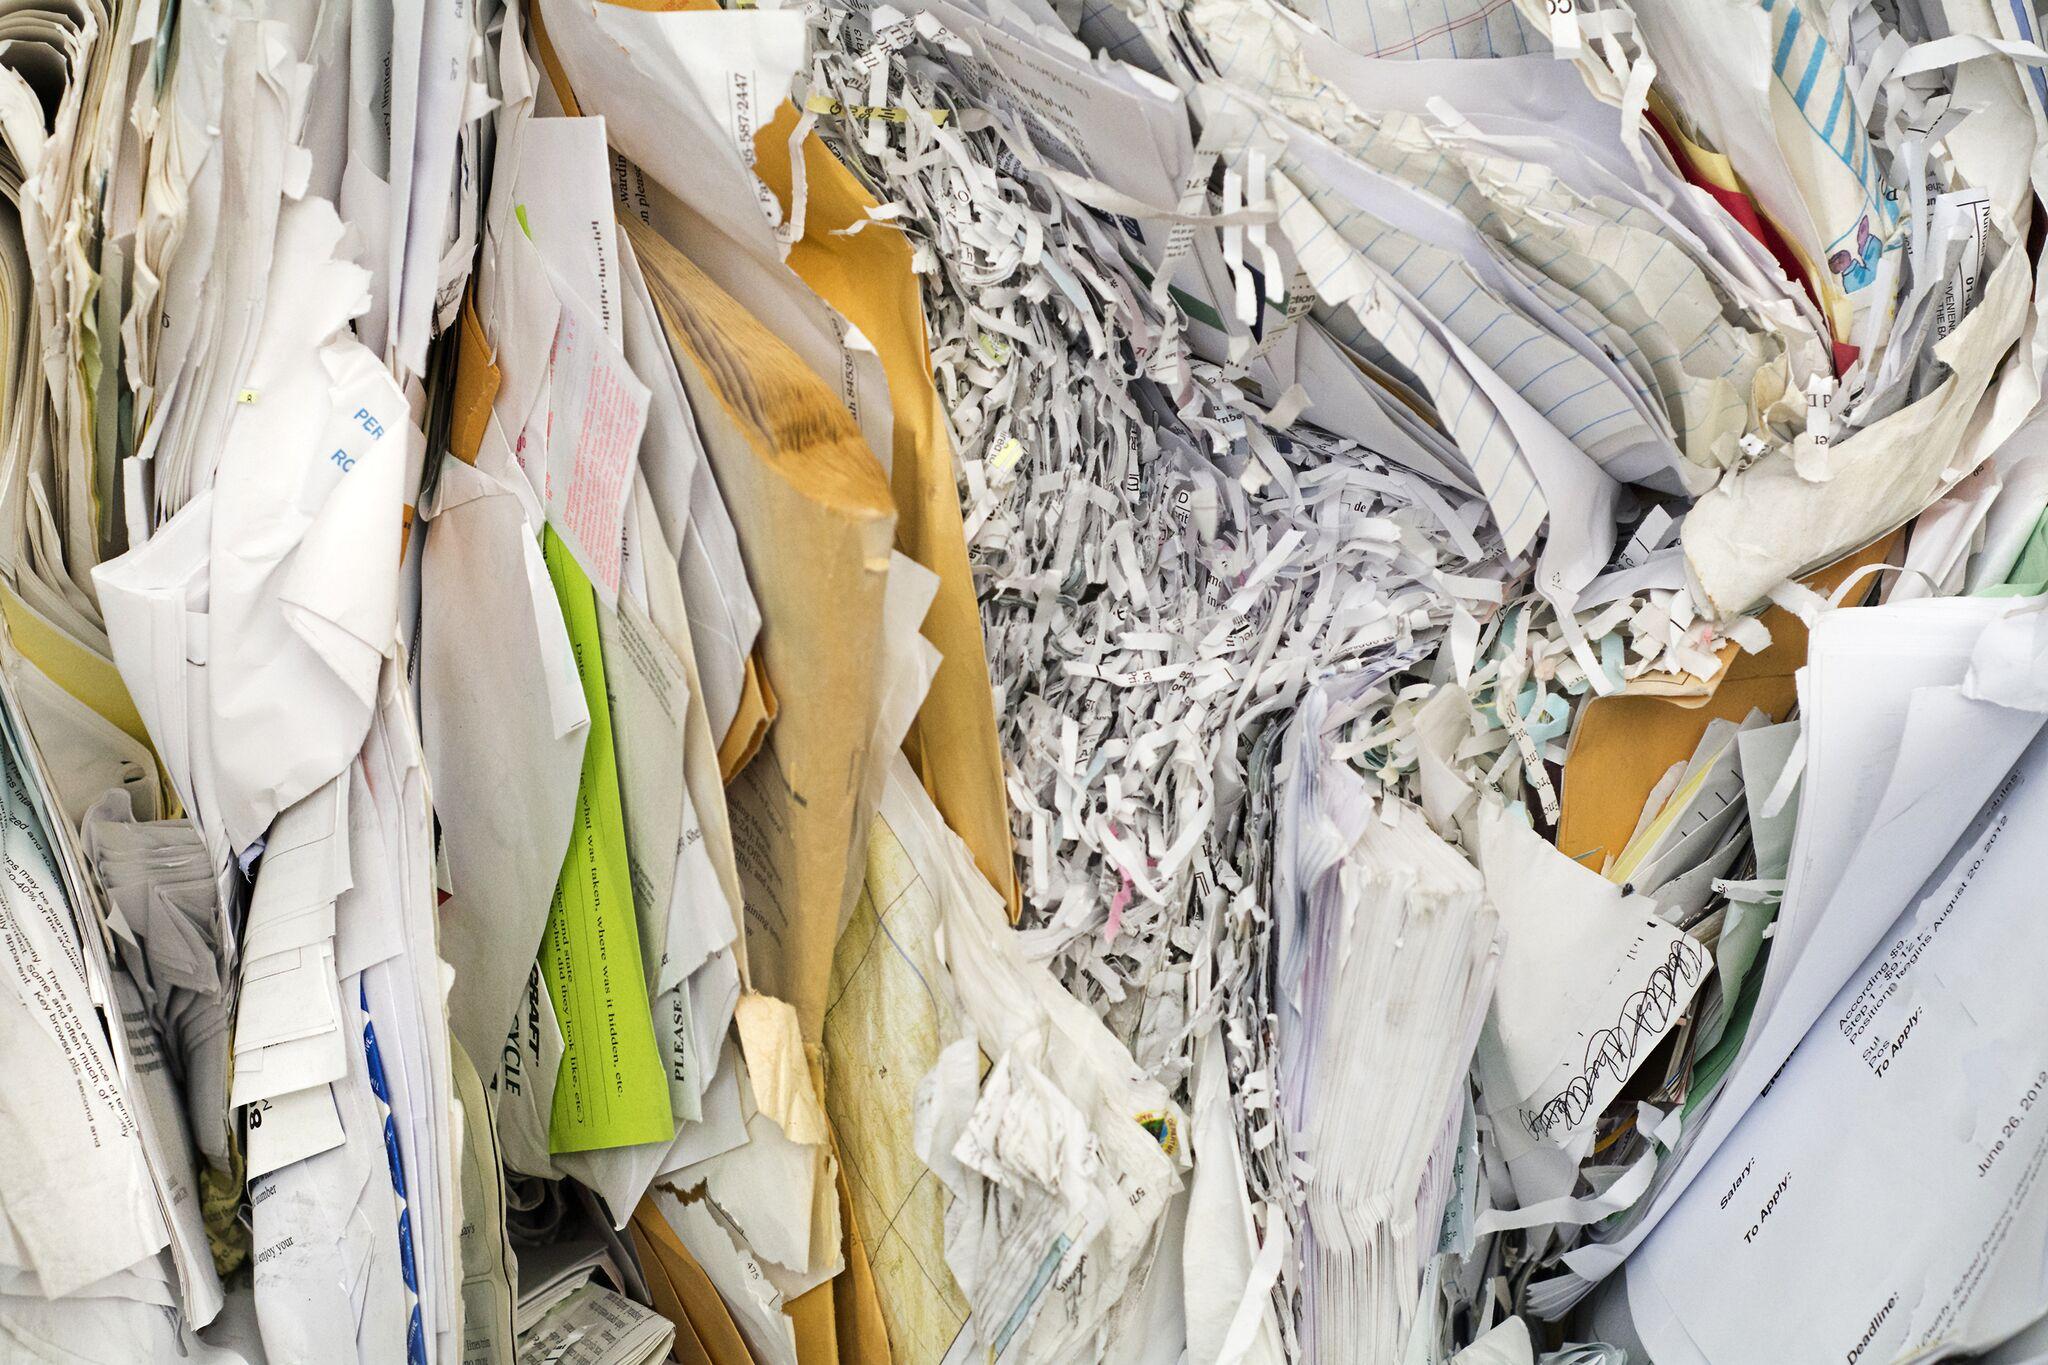 Komprimerte papirdokumenter, brev og makulert papir